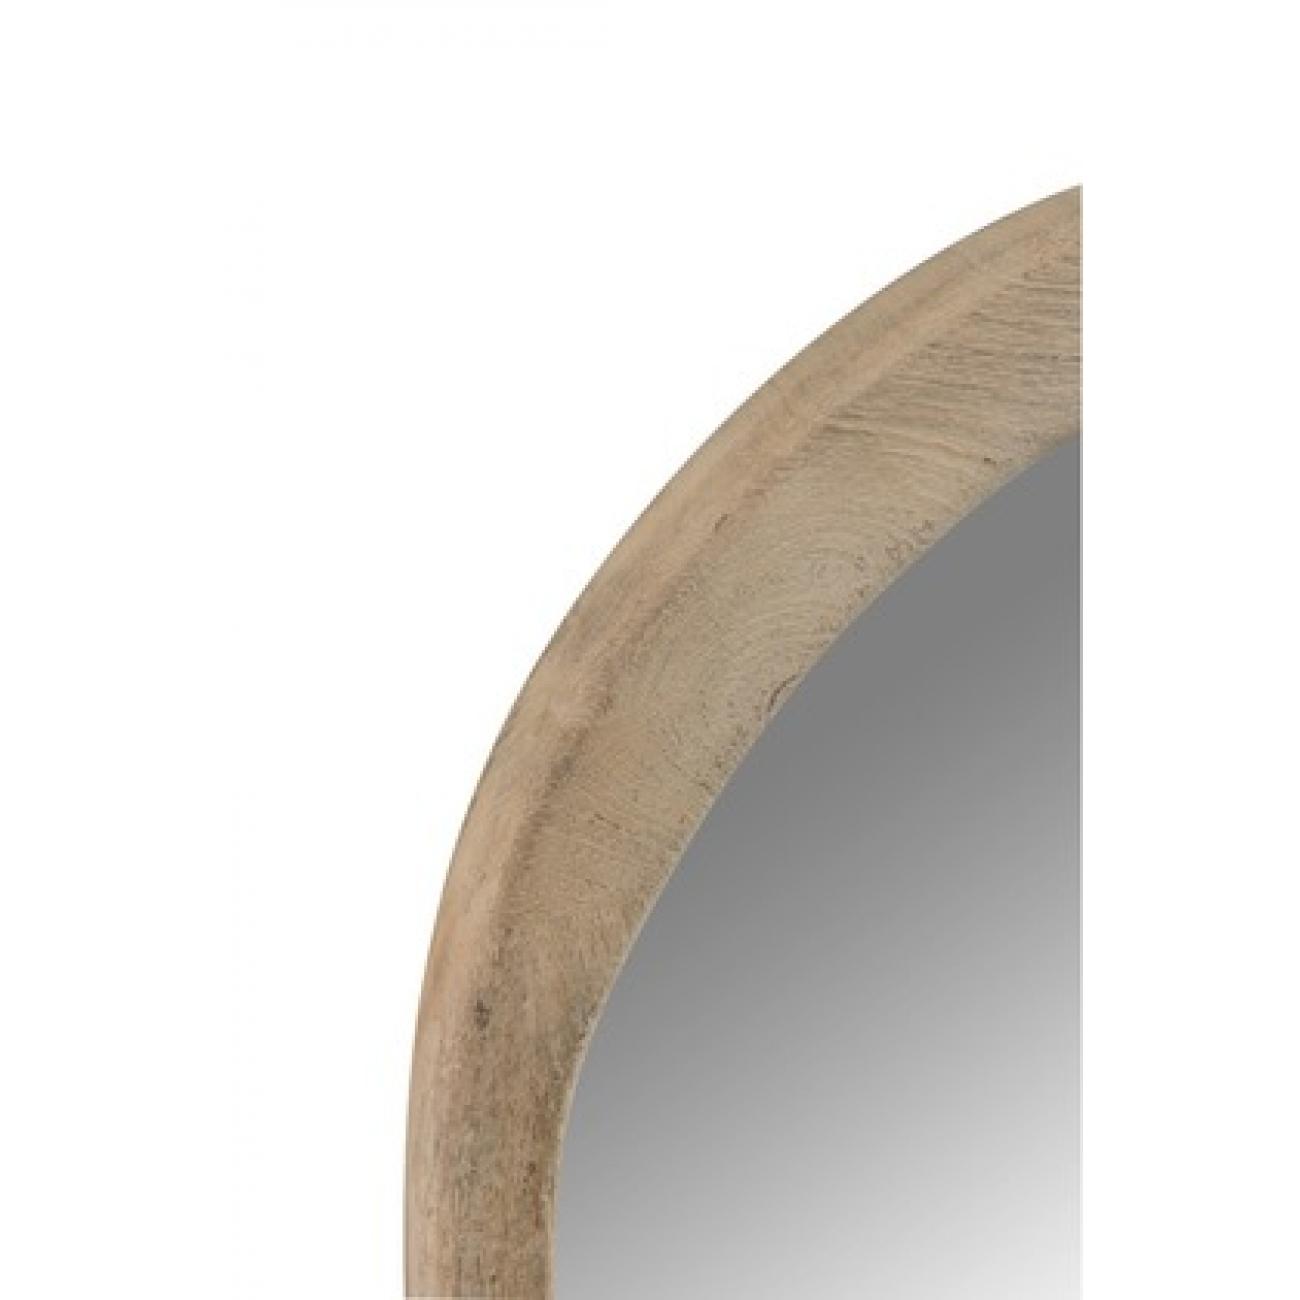 Зеркало J-LINE настенное фигурное в раме из натурального дерева манго в серо коричневых оттенках 56х60 см Бельгия